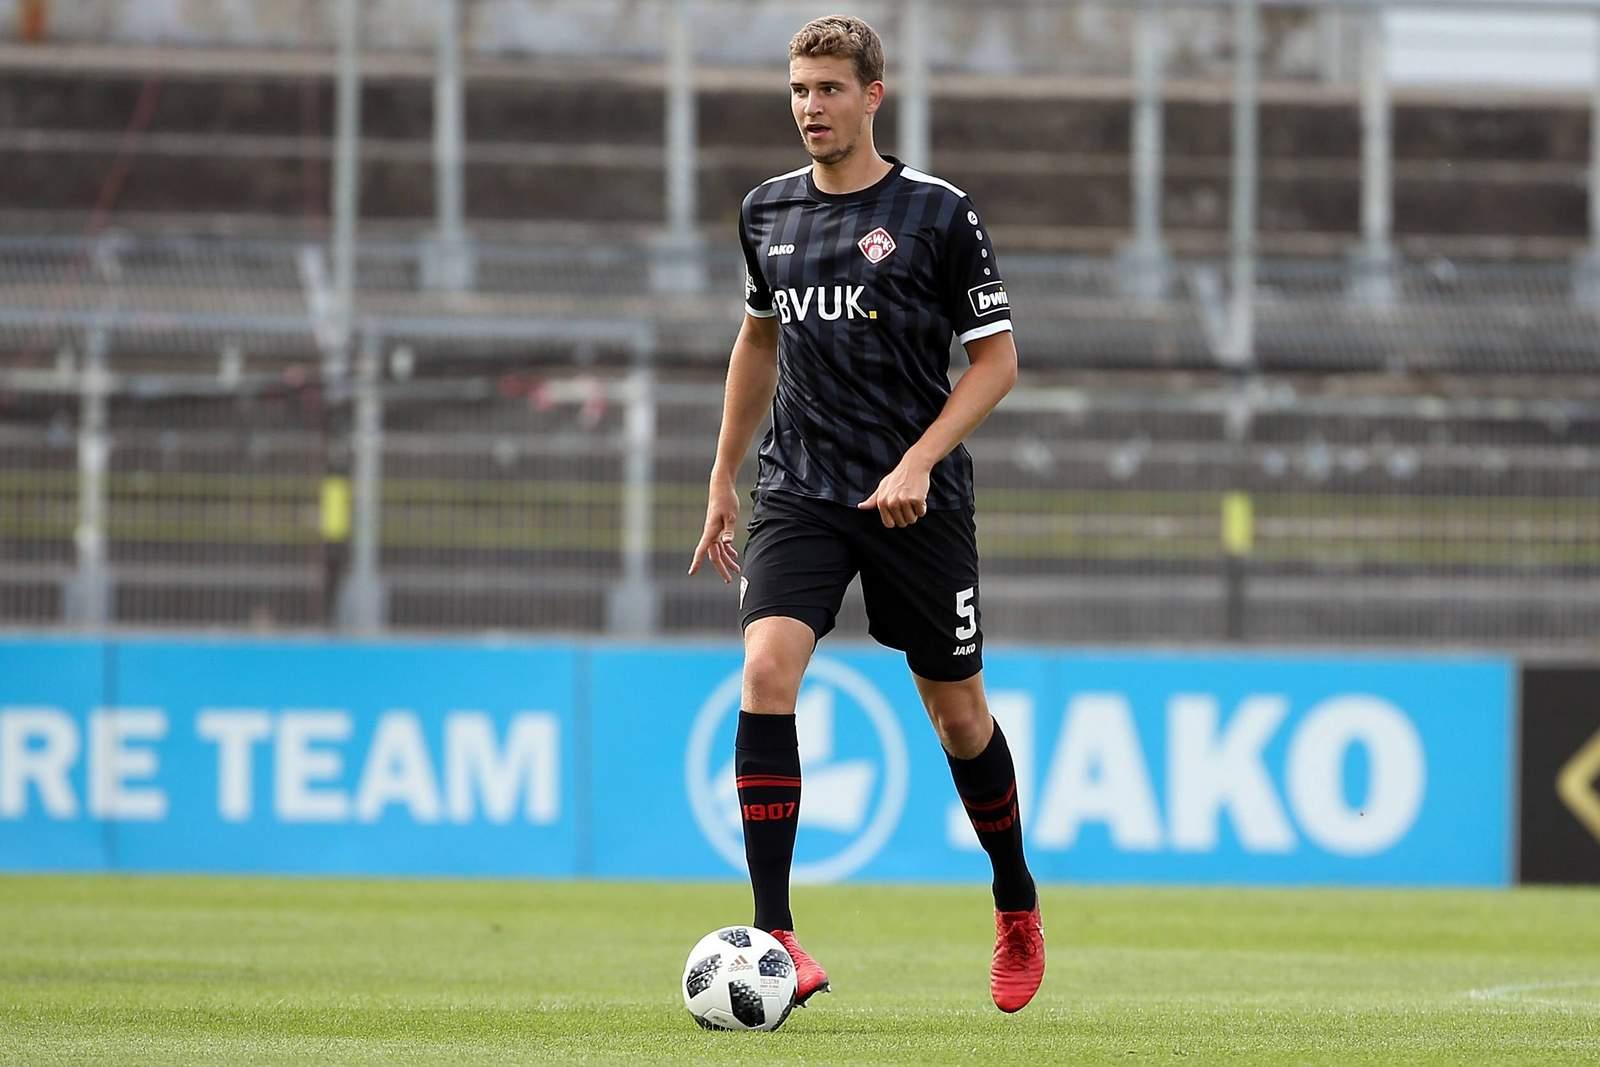 Hendrik Hansen von den Würzburger Kickers am Ball